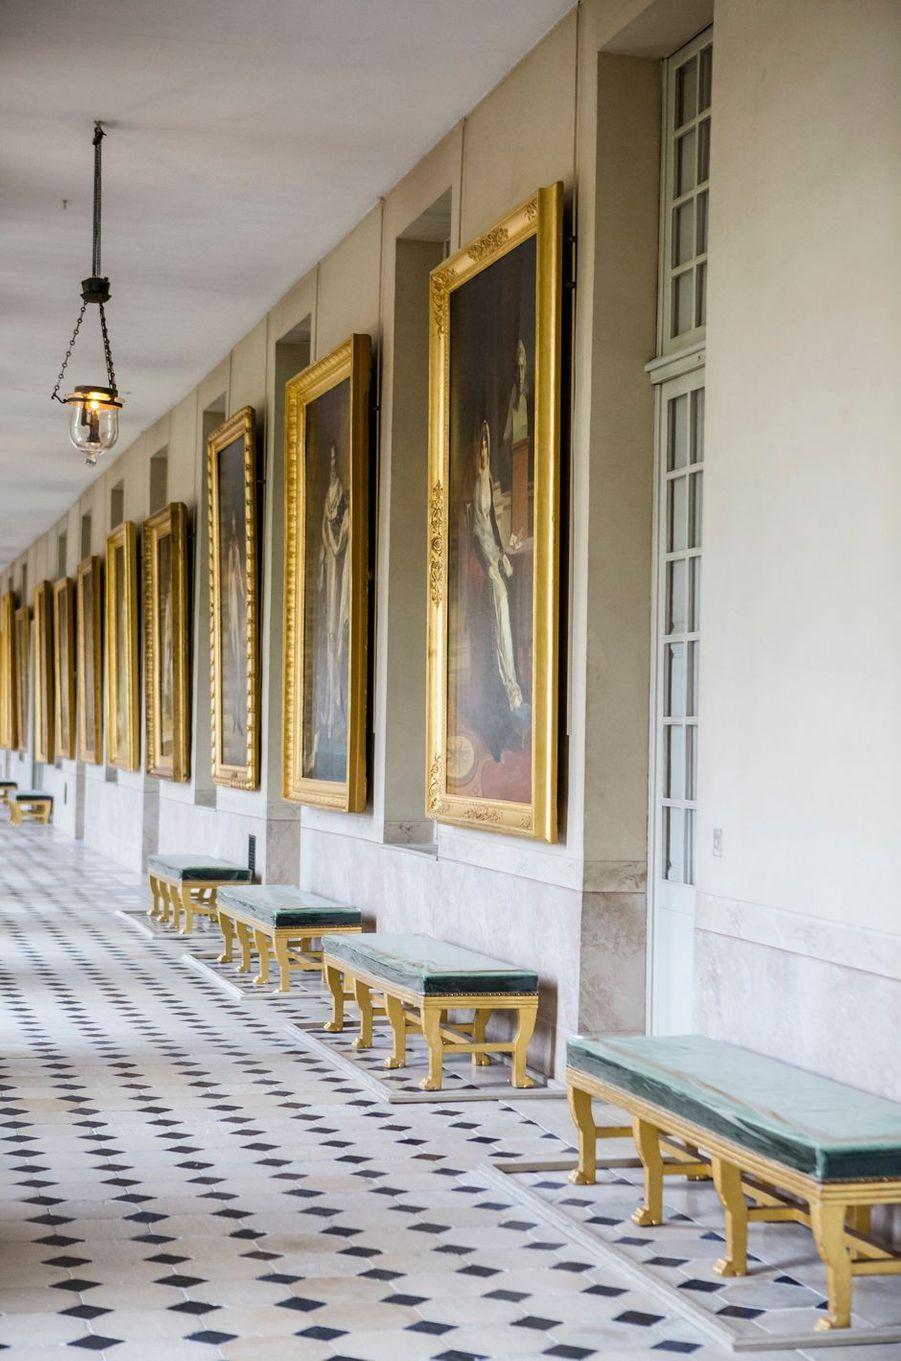 Galerie de portraits de la famille impériale. Musée Napoléon Ier au château de Fontainebleau